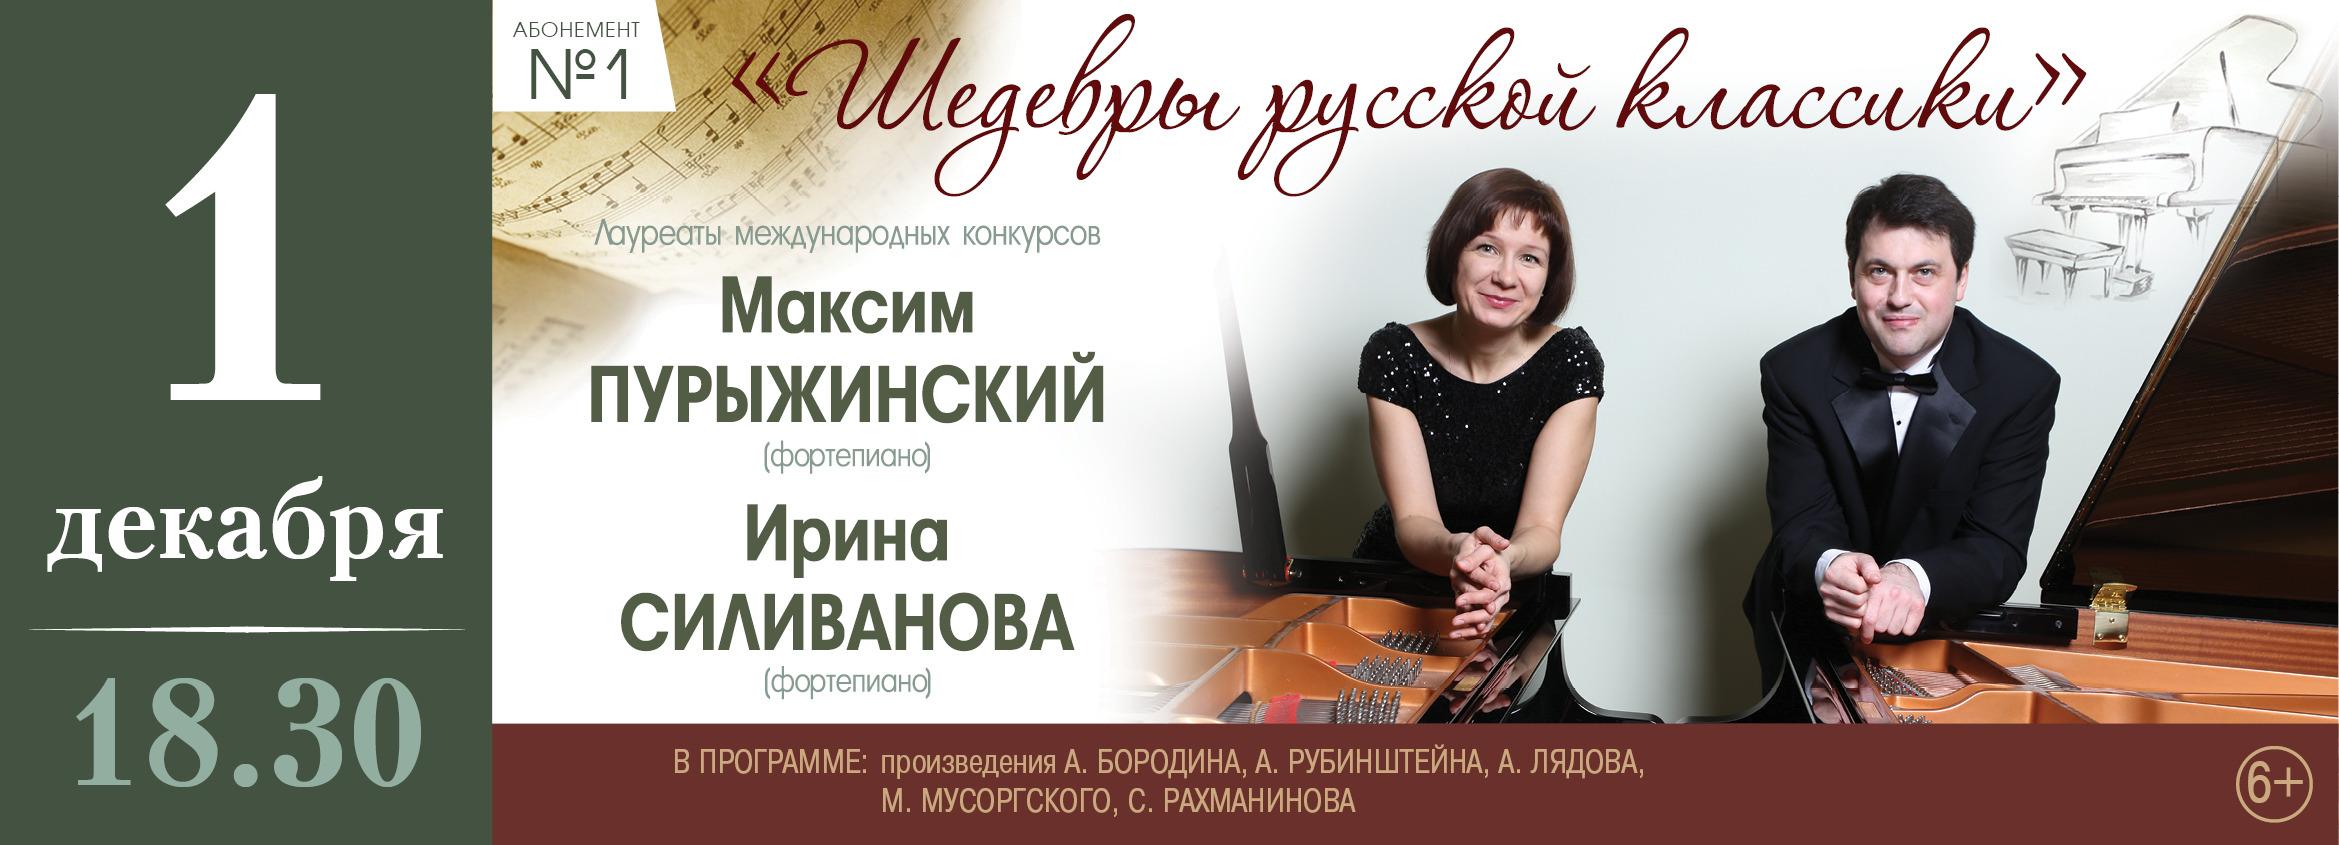 Фортепианный дуэт сыграет в Тверской филармонии «Шедевры русской классики»